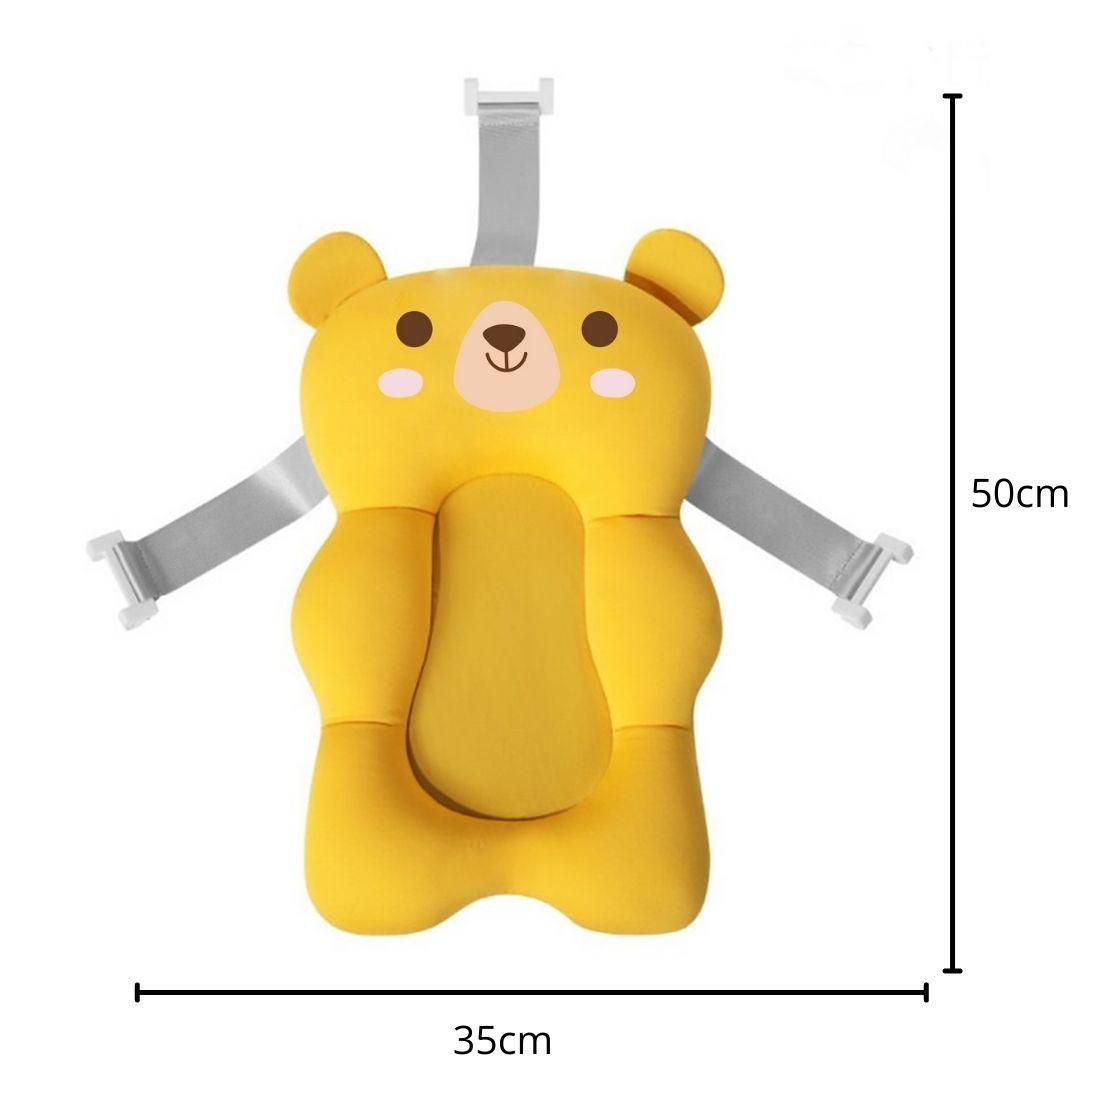 Almofada Flutuante para Banho Bebê Bóia de Banheira com Alça - Amarelo